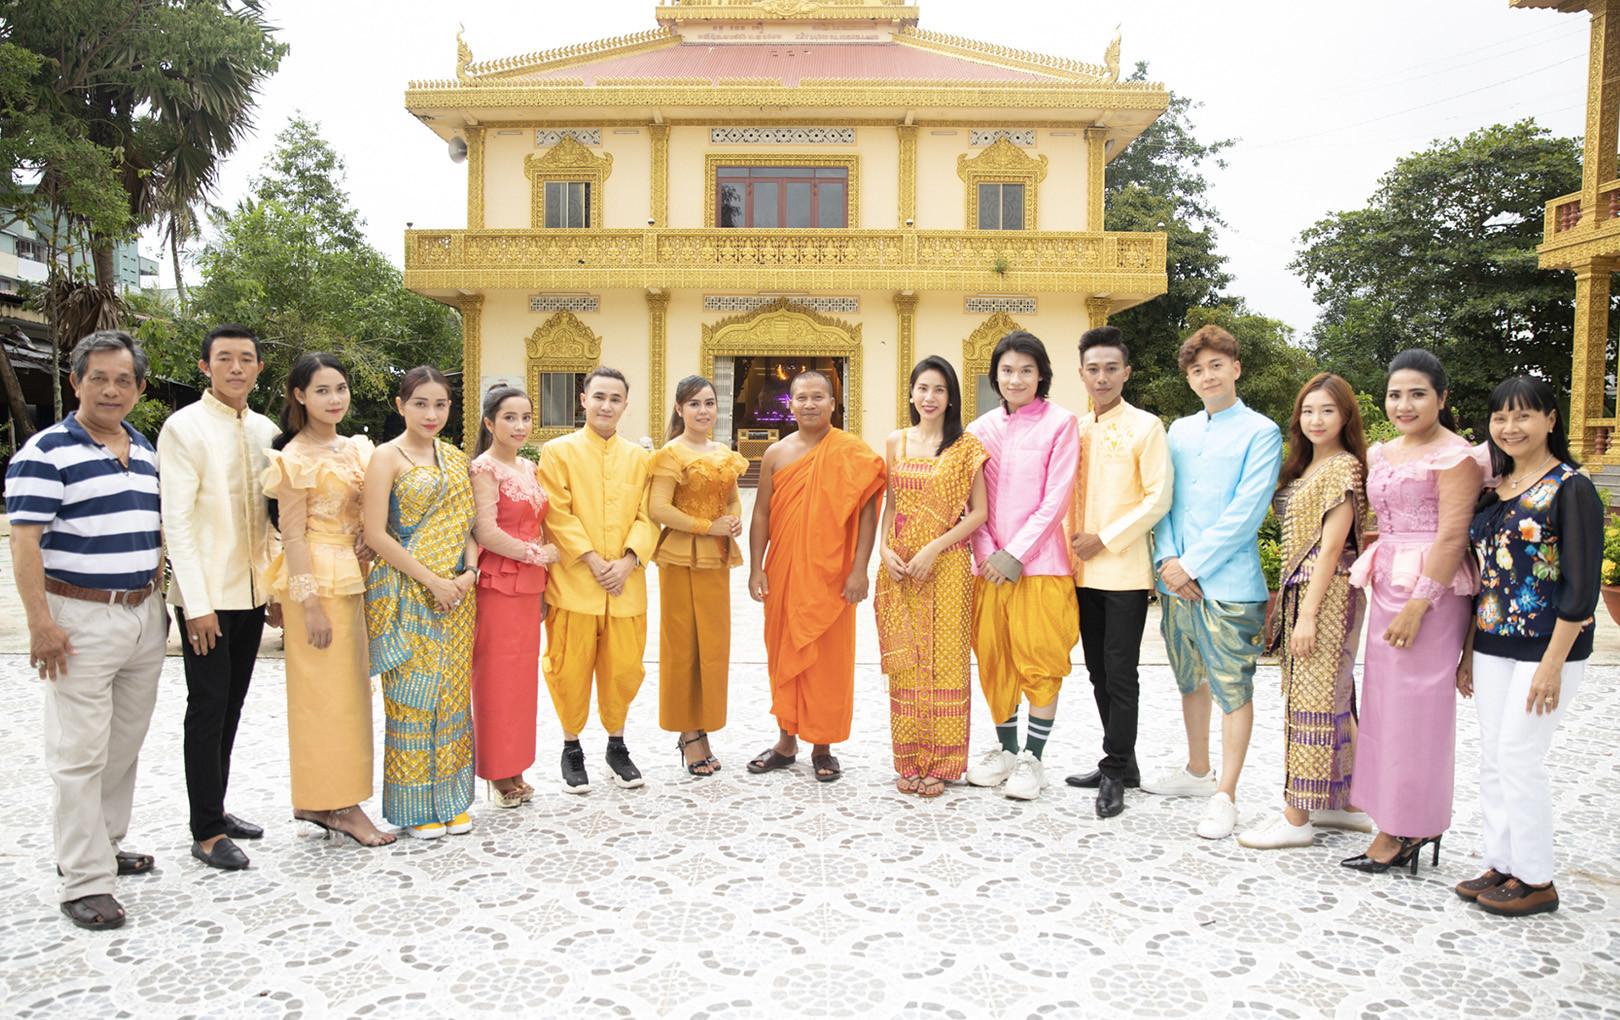 Thủy Tiên, Ngô Kiến Huy, Quang Trung, Khả Như, Huỳnh Lập xinh đẹp  trong trang phục dân tộc, vui nhộn học múa Khmer